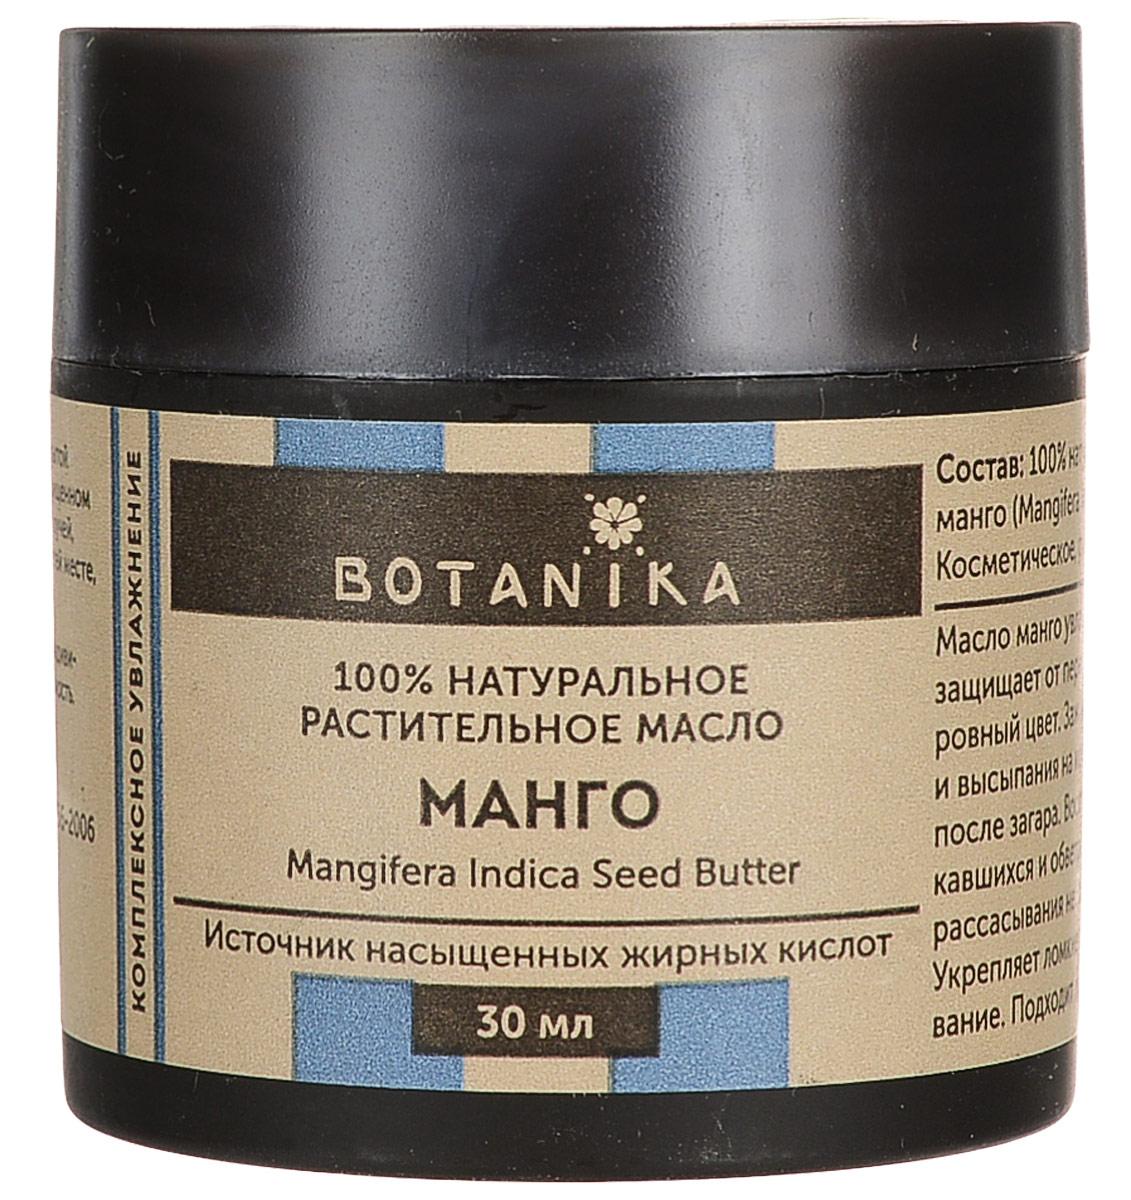 Жирное масло Botanika Манго, для всех типов кожи, 30 мл4141Натуральное растительное 100% жирное масло Botanika Манго удивительно по своим косметическим свойствам. Прекрасно подходит для любой кожи в качестве ее увлажнения, питания и защиты, а также восстановления. Активные вещества масла манго возвращают ей способность удерживать влагу, обеспечивают интенсивное увлажнение в течение дня. Кожа становится мягкой и бархатистой, ее эластичность повышается. Обладает хорошими регенерирующими и восстанавливающими свойствами. Прекрасно заживляет различные изъязвления кожи, трещинки на губах и в уголках рта, растрескавшуюся кожу рук и тела, устраняет шелушение. Способствует исчезновению небольших шрамов, пятен, оставшихся после различных кожных образований. Характеристики:Объем: 30 мл. Производитель: Россия. Товар сертифицирован.